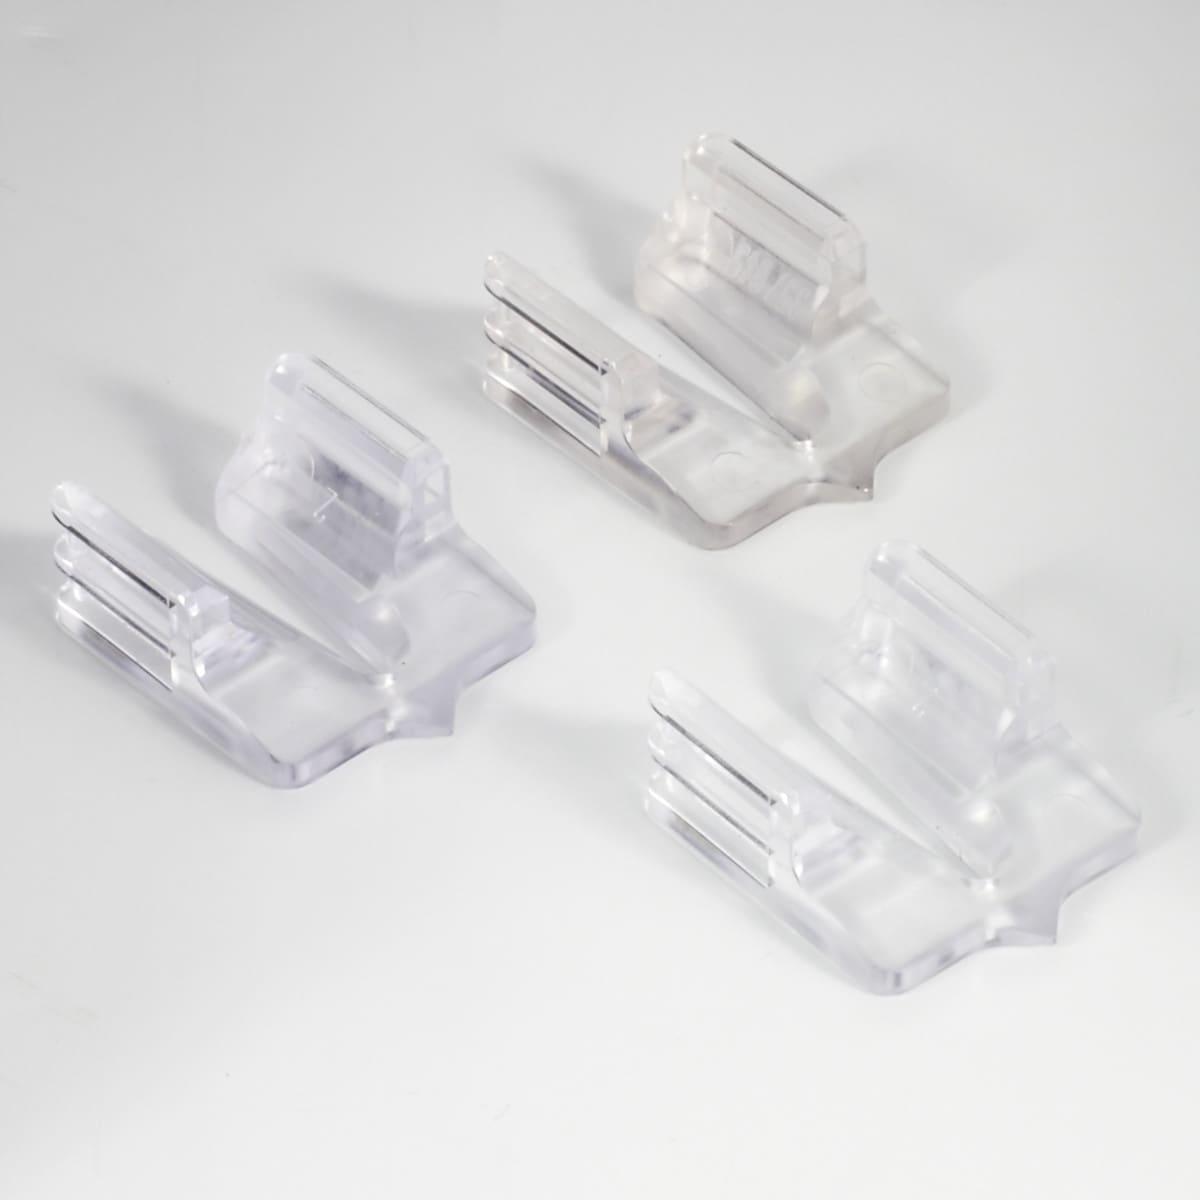 Splitterschutz 3er-Pack Aeg